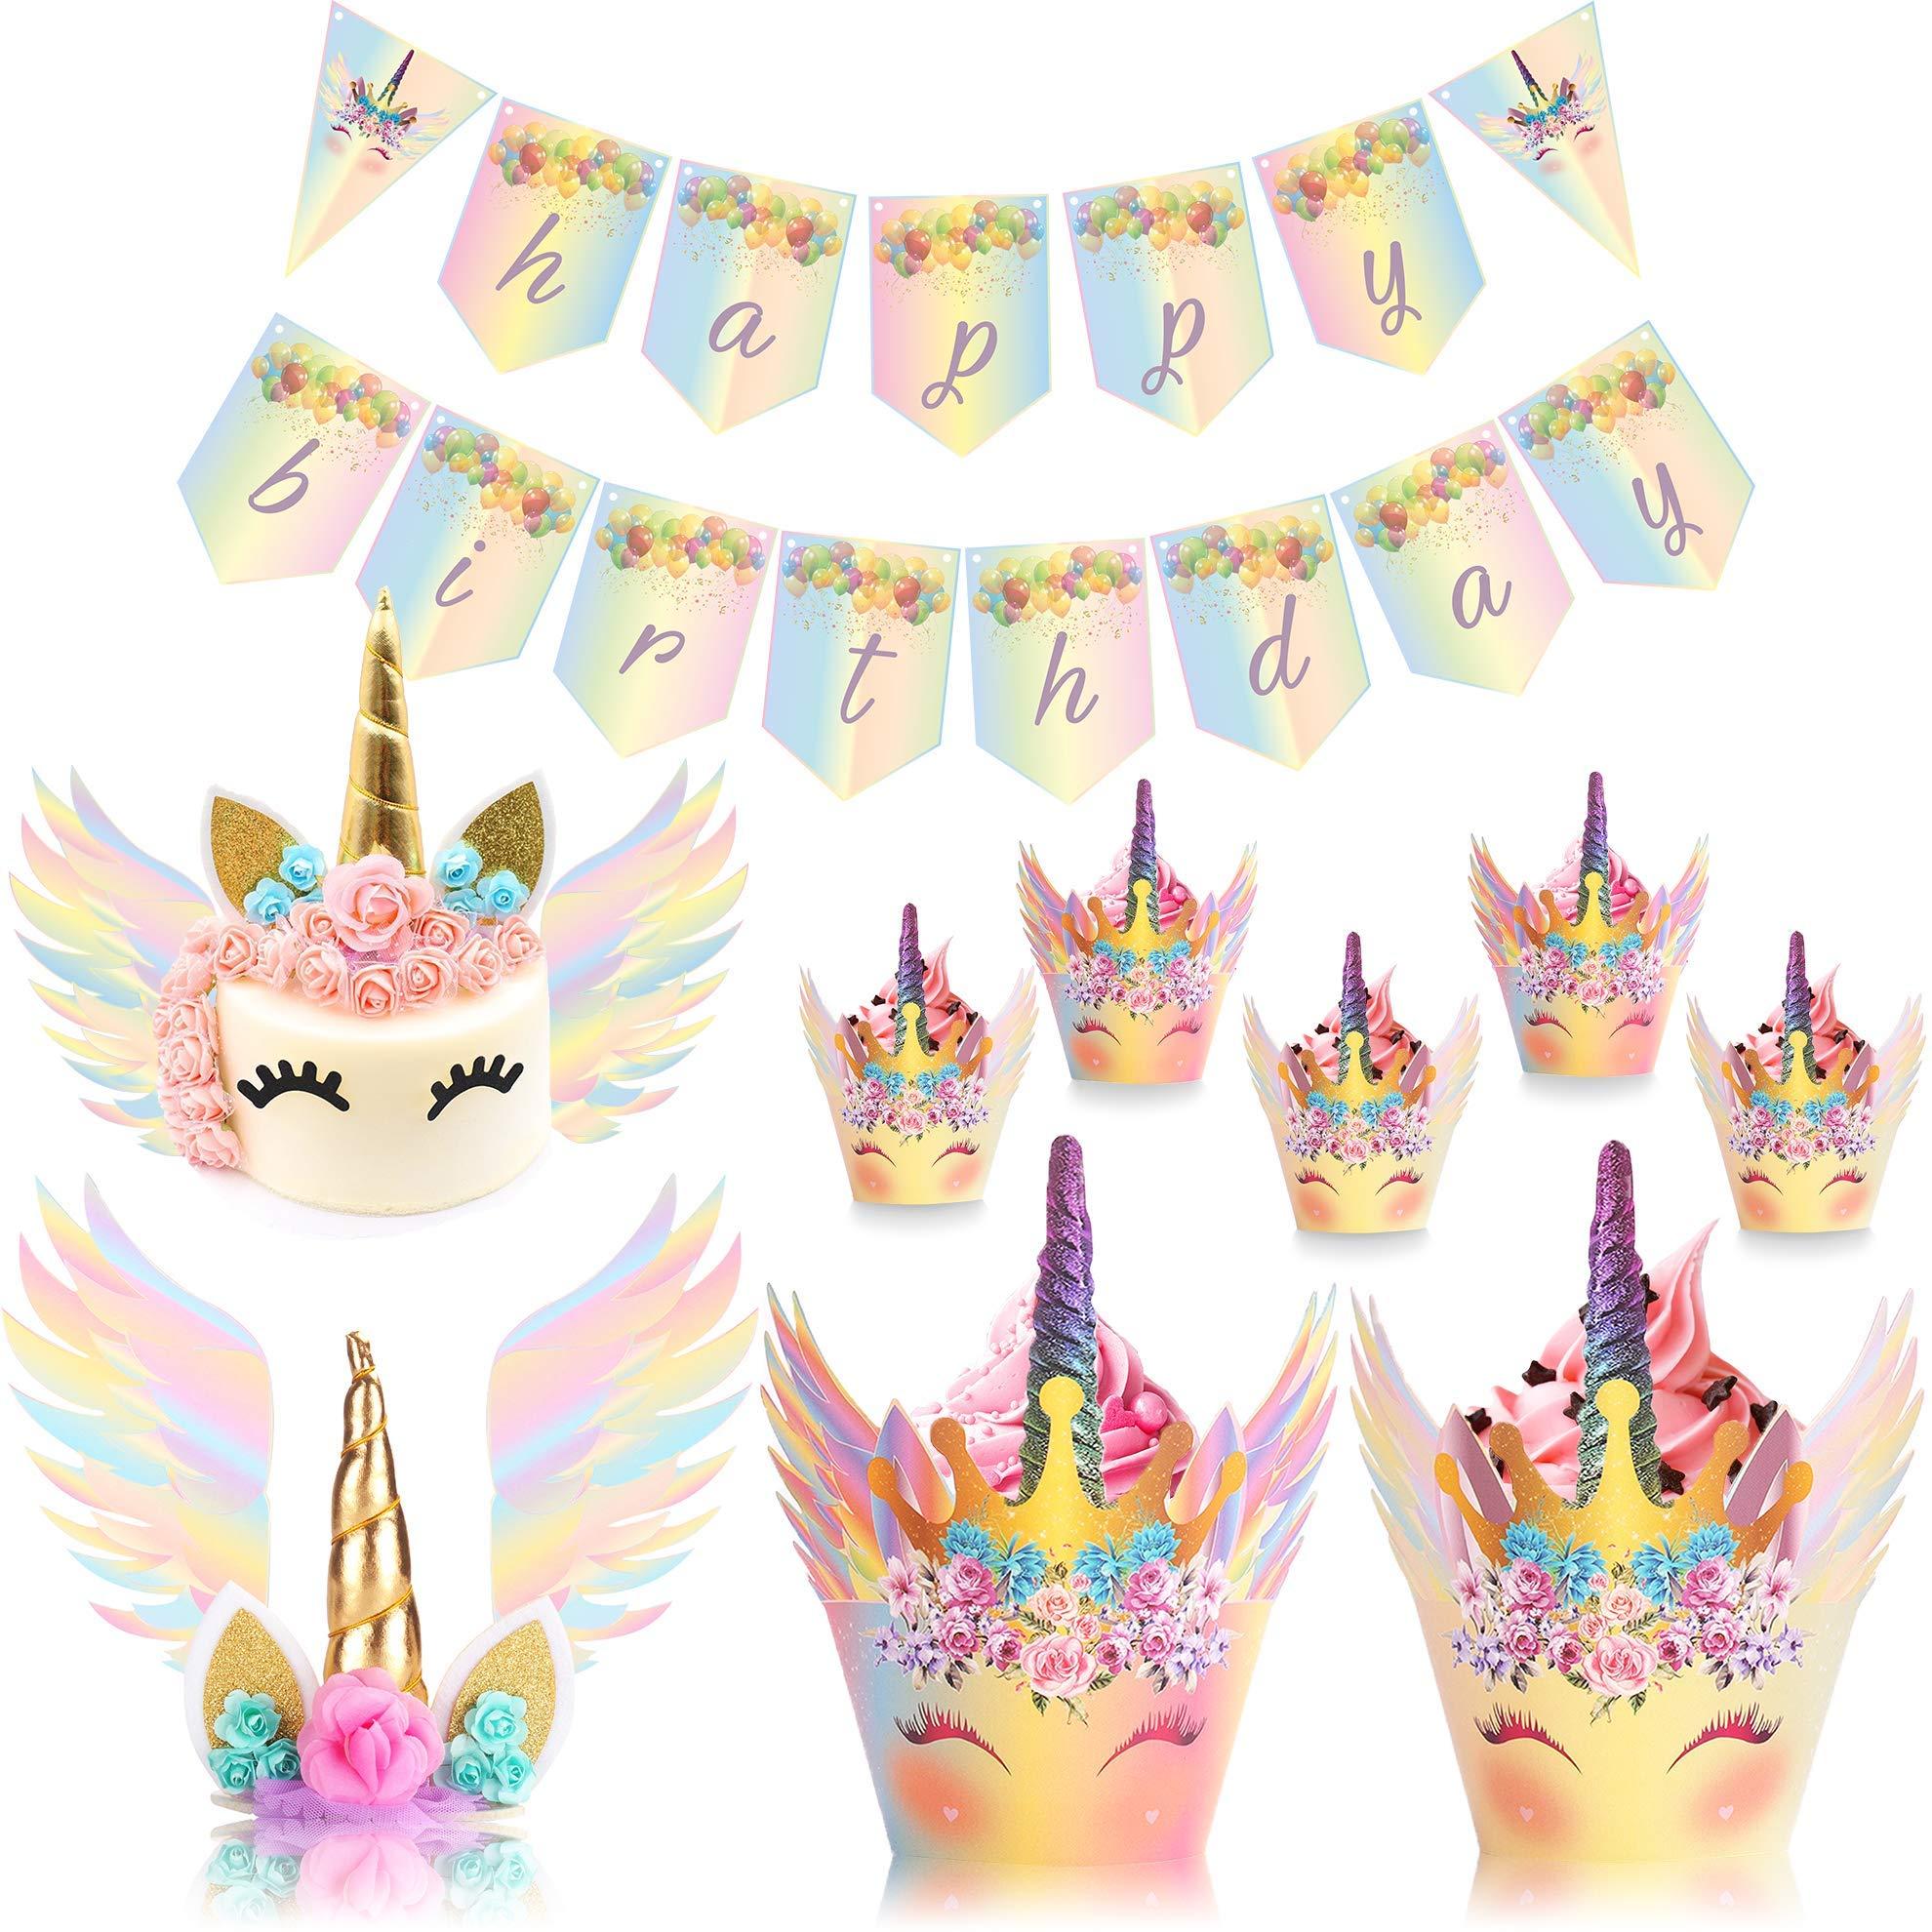 UnicornLifestyle Unicorn Cake Topper with Eyelashes Rainbow  30 Pack  24pcs Unicorn Cupcake Topper, Birthday Banner   Unicorn Cake Wings   Baby Shower, Kids Unicorn Party Supplies, Bridal Wedding by UnicornLifestyle